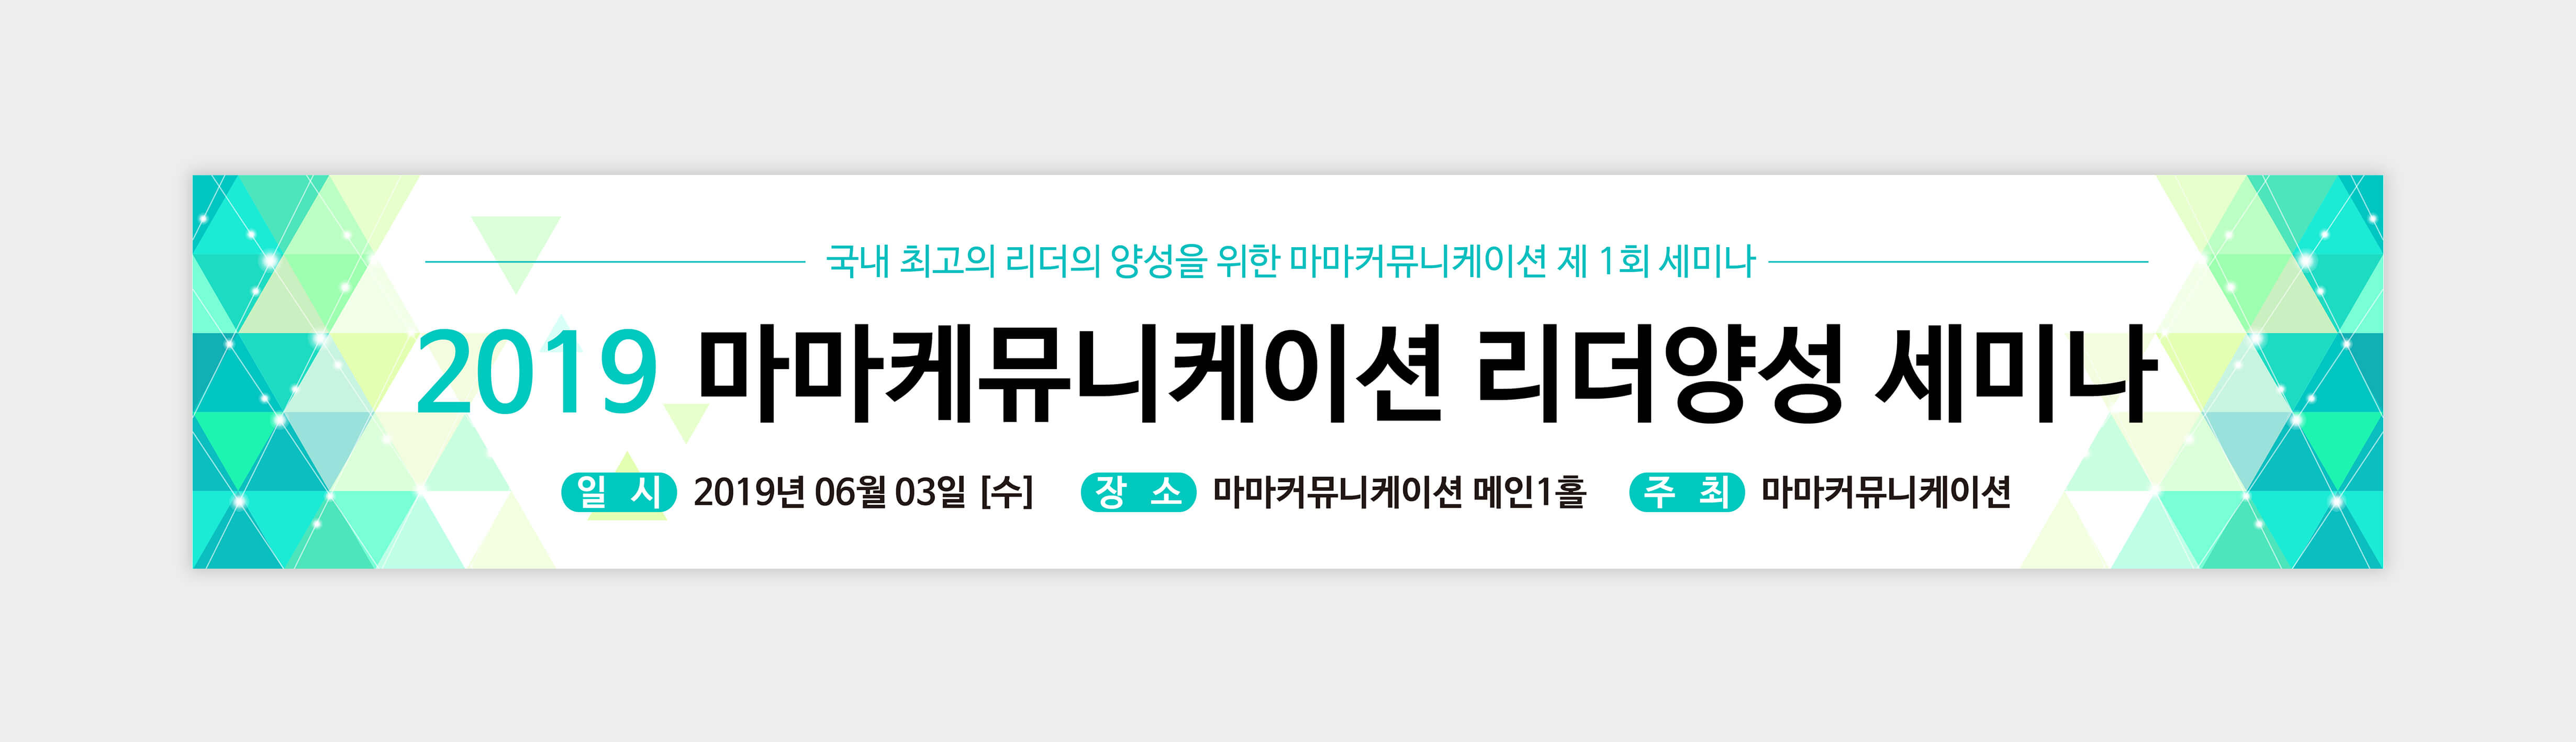 현수막_063